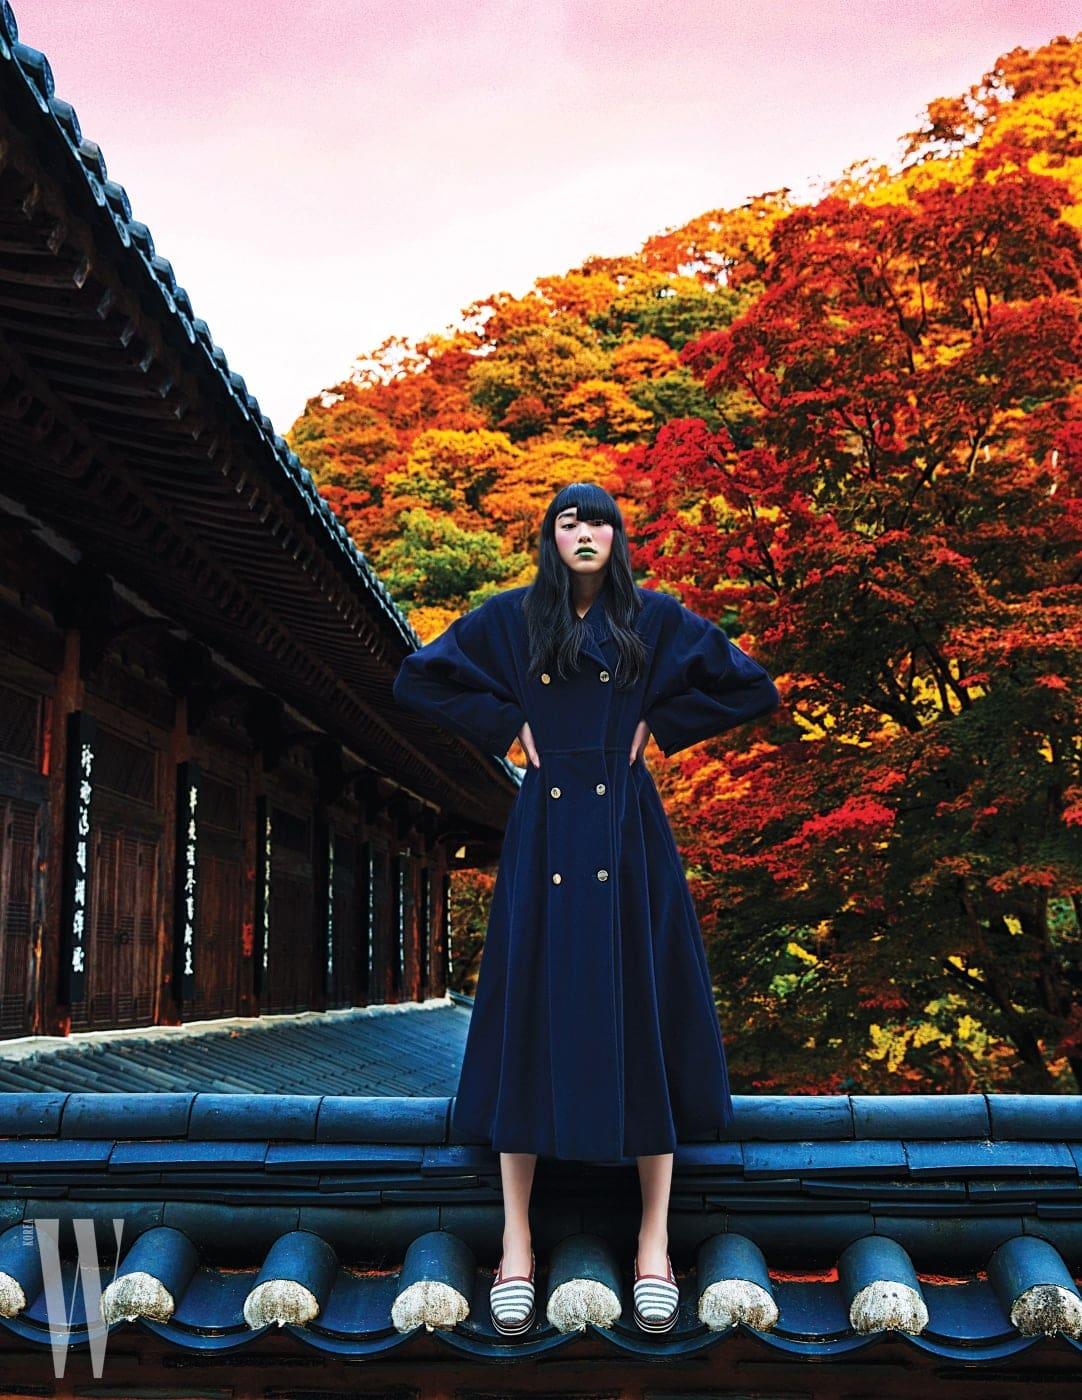 강인한 밀리터리 무드와 코트 드레스 형태의 우아한 드레이핑이 결합된 코트. 여성스러운 실루엣과 금빛 단추 장식이 돋보인다.